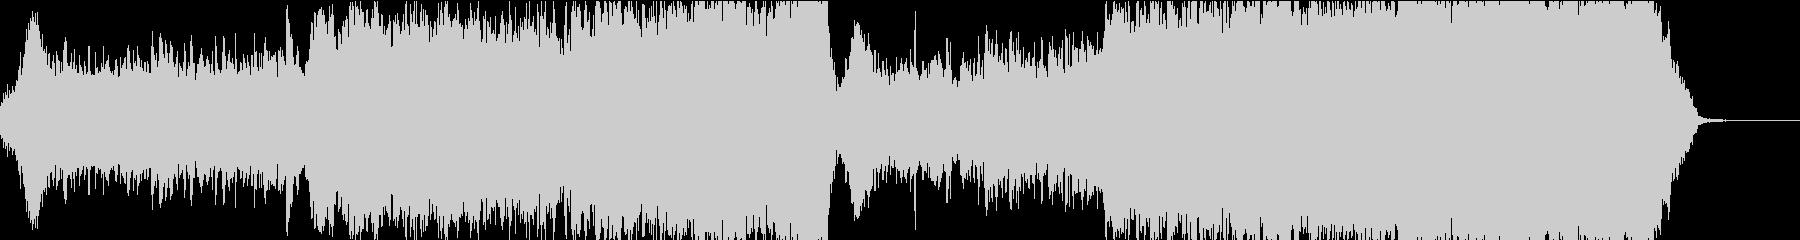 映画 爽やかで明るいエピックオーケストラの未再生の波形